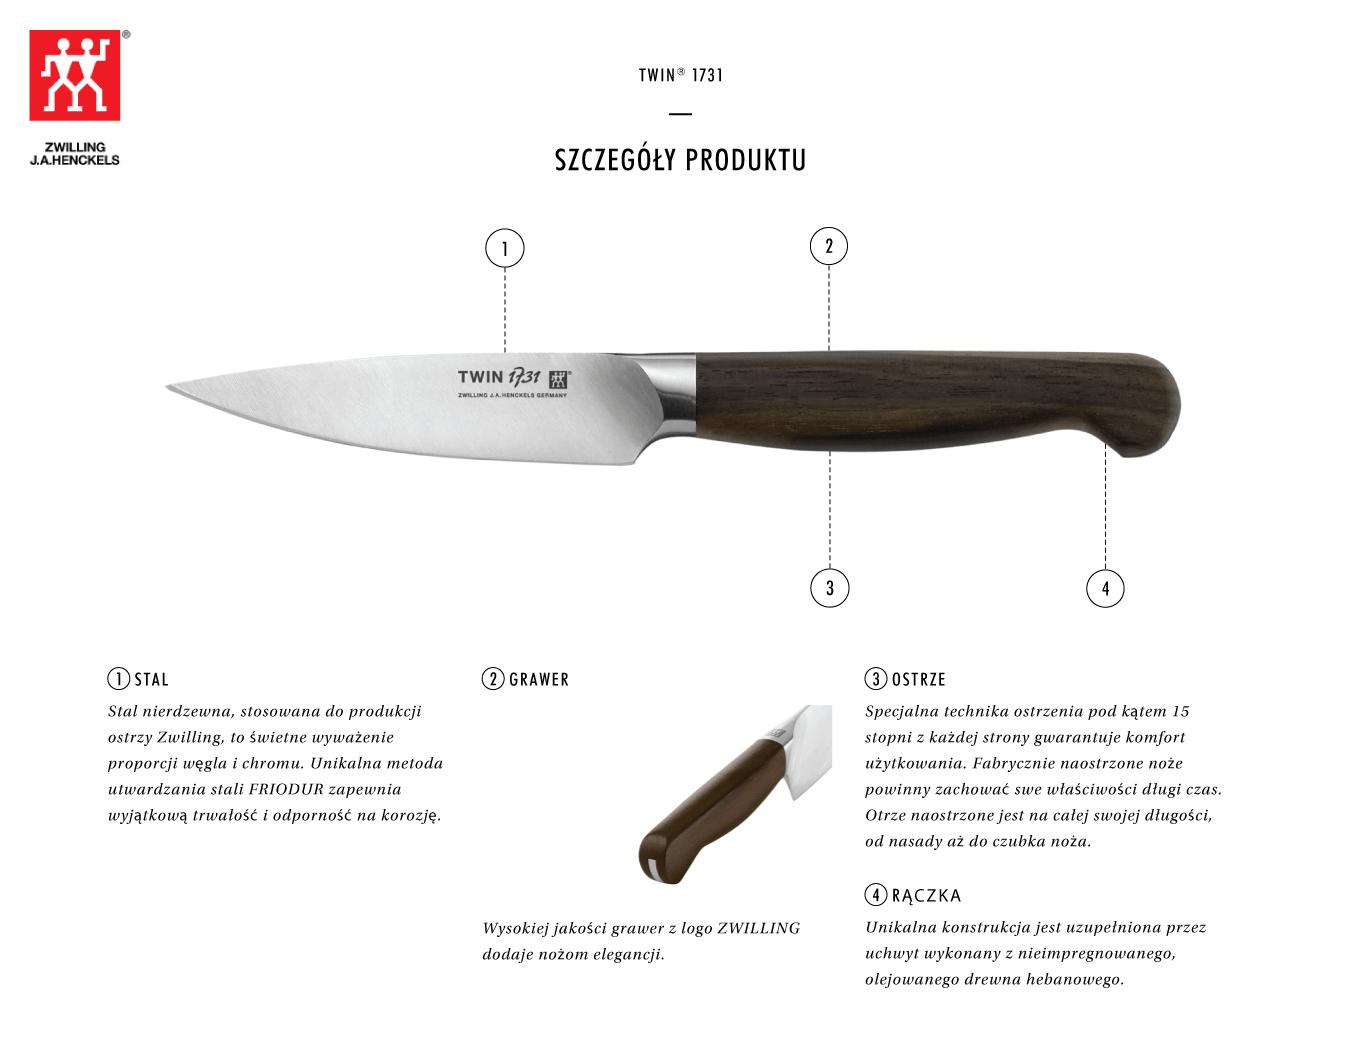 Dlaczego warto kupić nóż do obierania warzyw Twin® 1731?